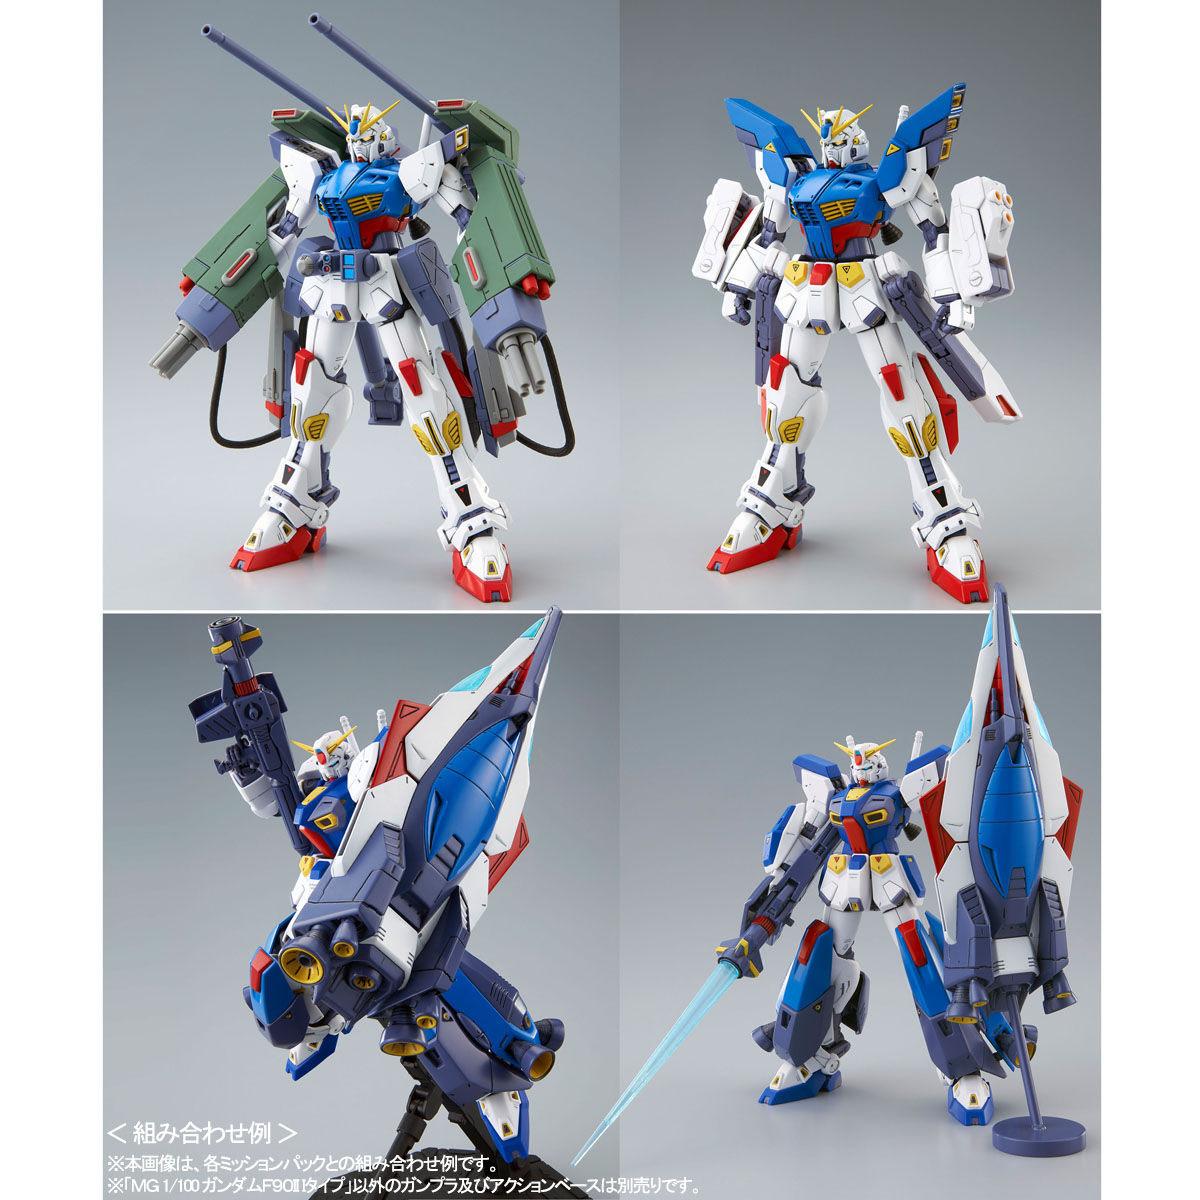 【限定販売】MG 1/100『ガンダムF90II Iタイプ』プラモデル-009